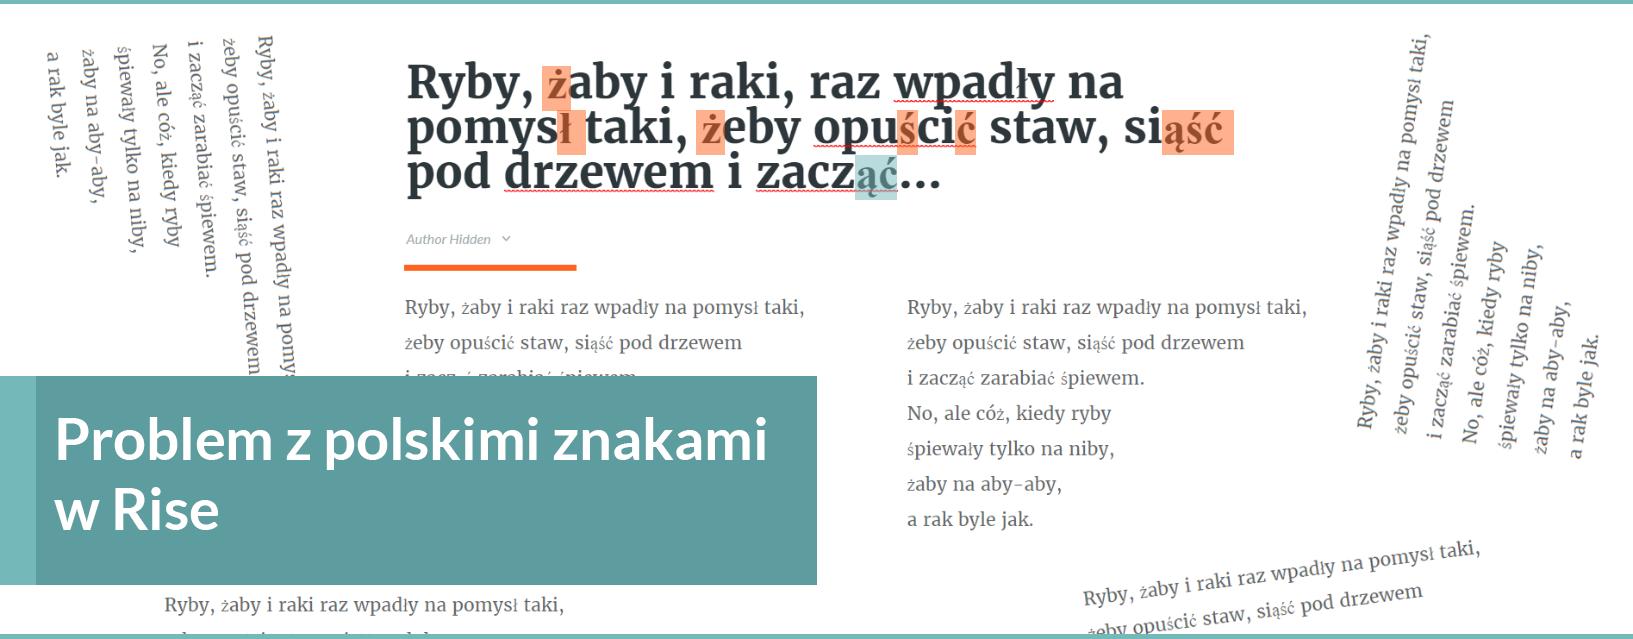 problem z polskimi znakami w rise